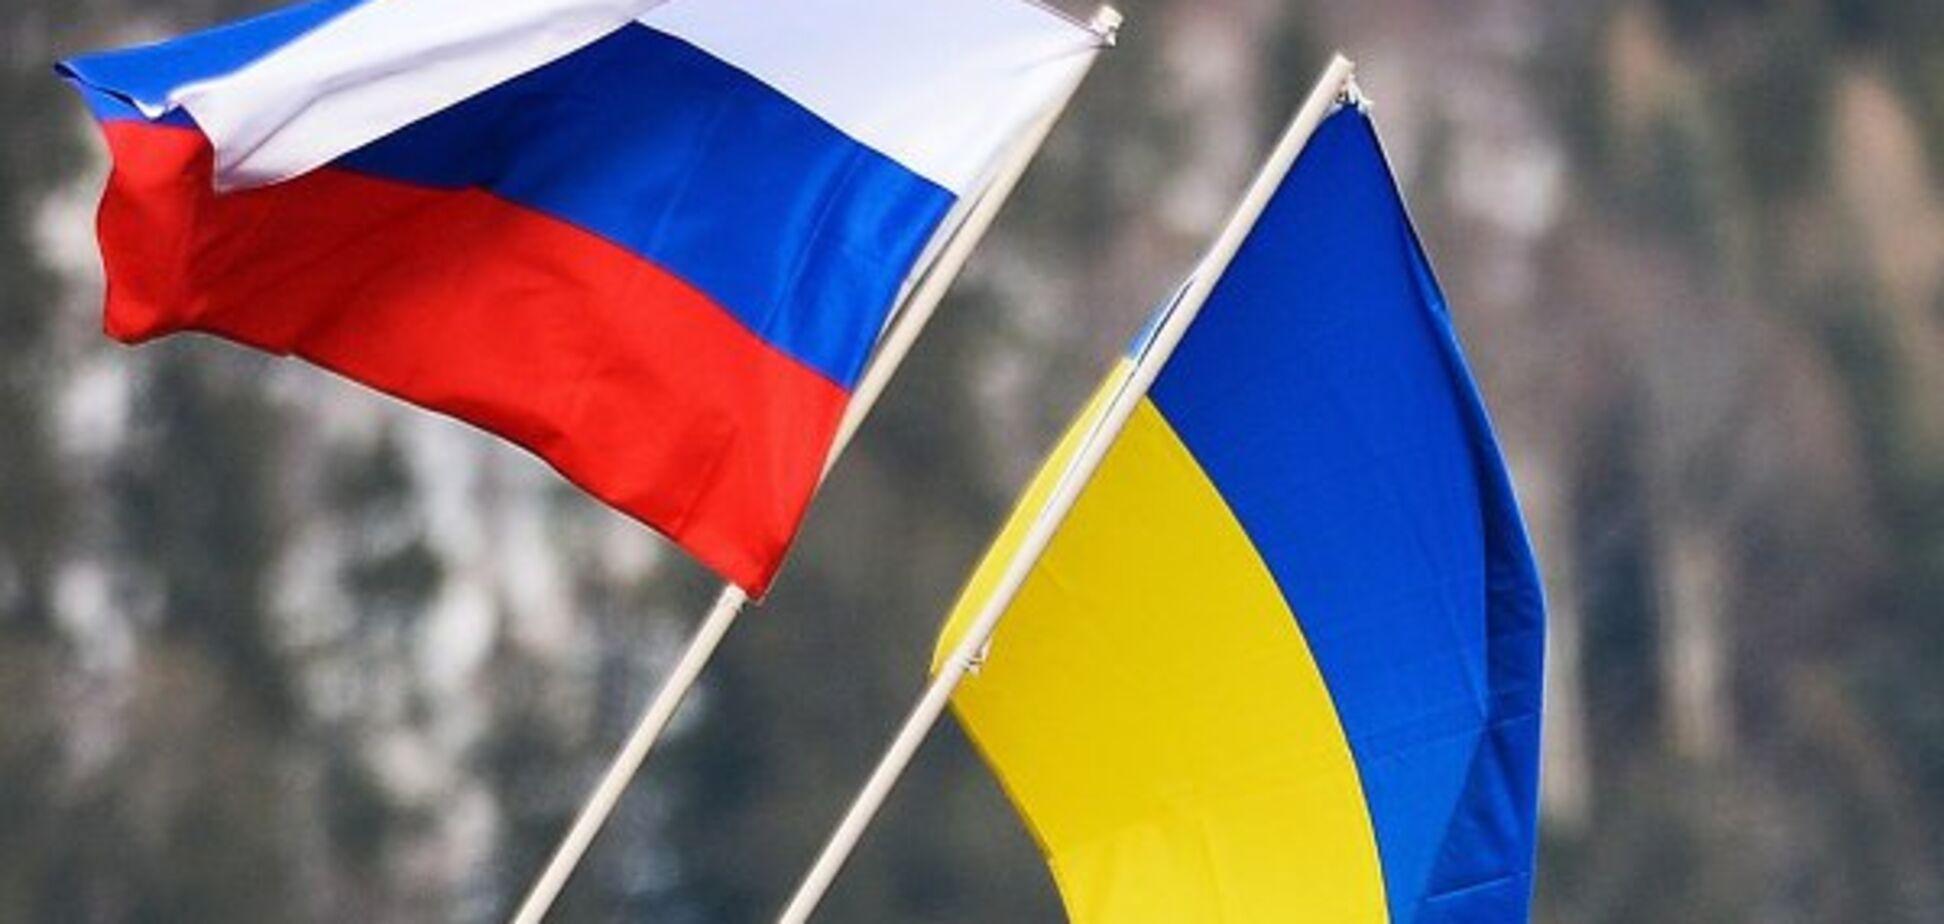 Разрыв дружбы между Украиной и РФ: появились детали документа Порошенко